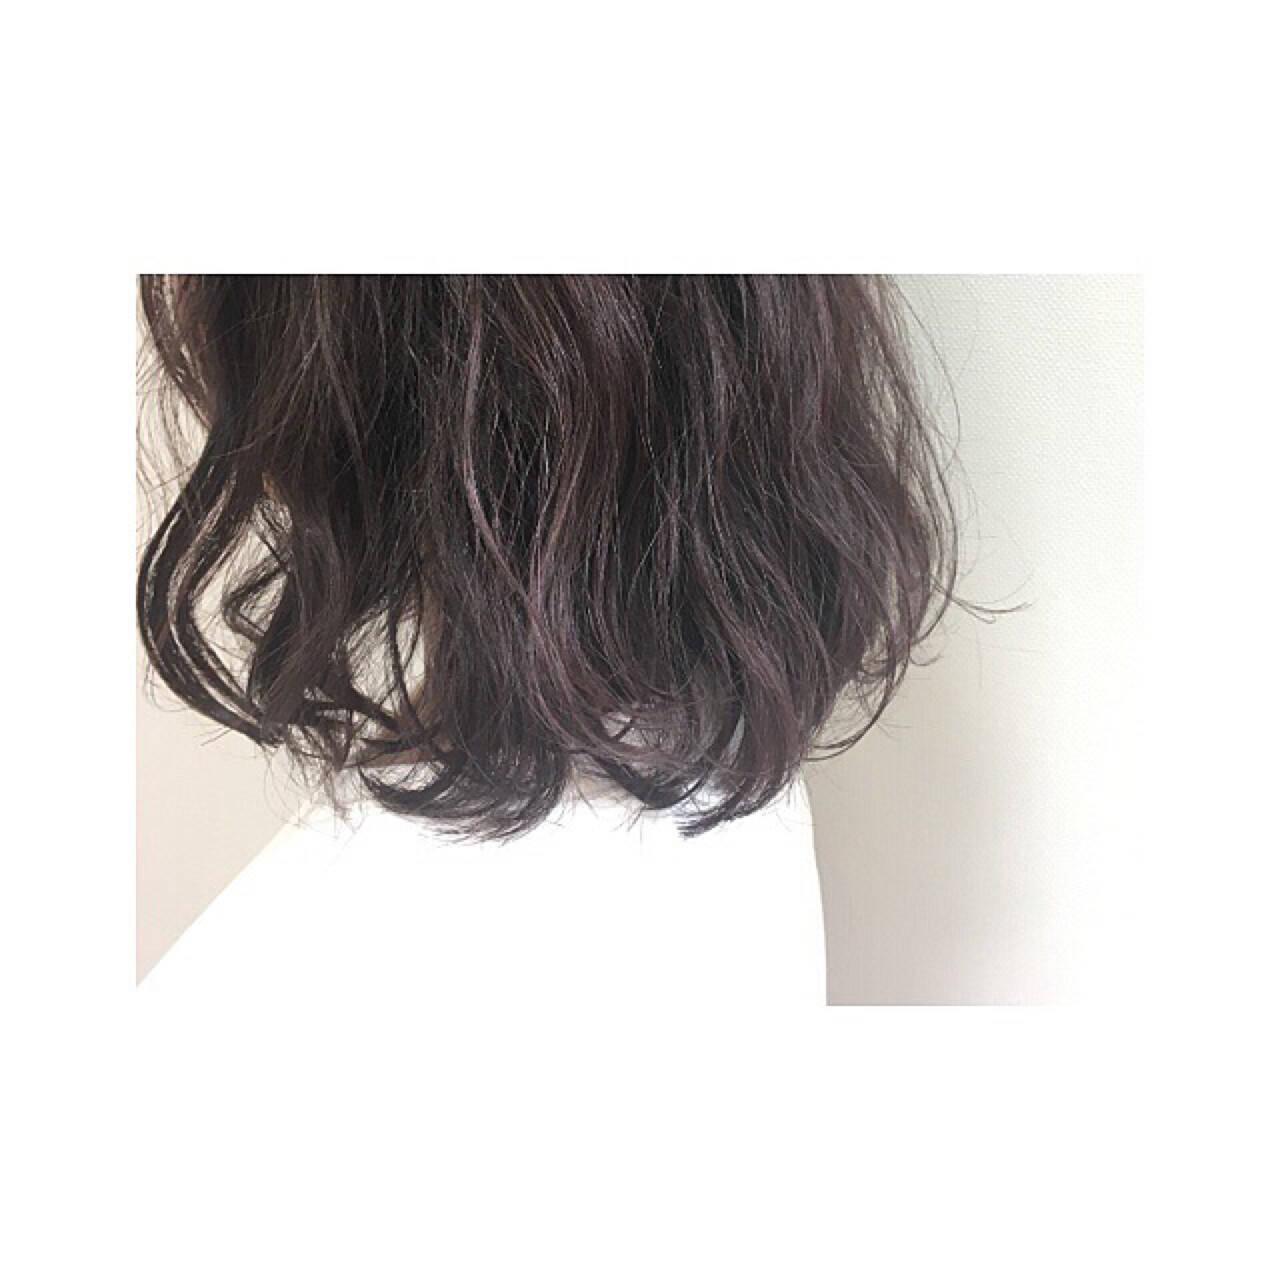 ミディアム 春 モード ラベンダーアッシュヘアスタイルや髪型の写真・画像